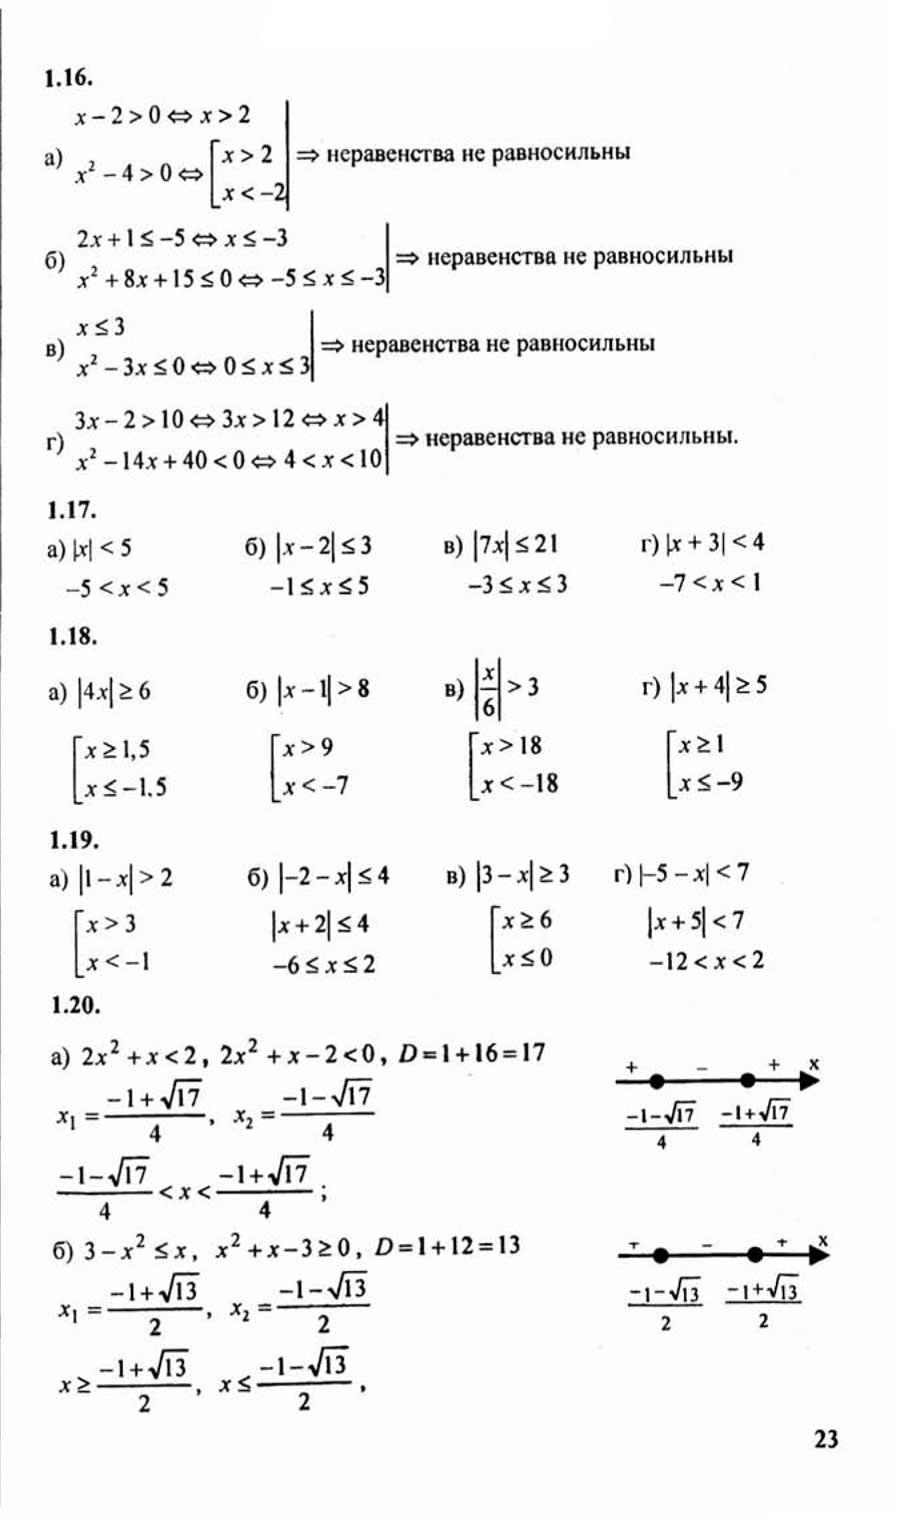 Гдз по алгебре 9 класс макарычев 2018 17 издание